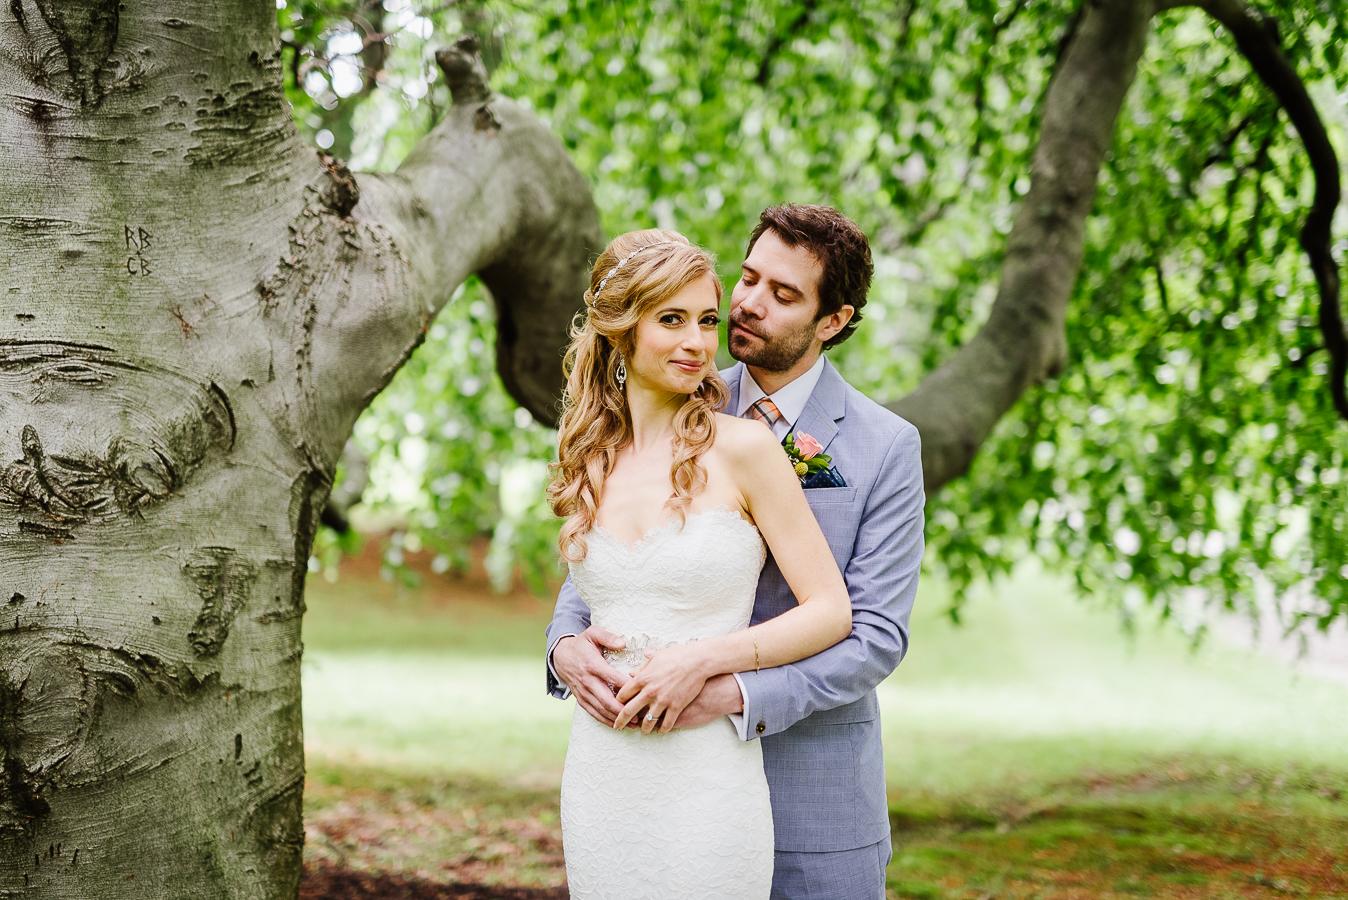 Stylish Crossed Keys Inn Wedding Crossed Keys Wedding Crossed Keys Inn Andover NJ Longbrook Photography-19.jpg